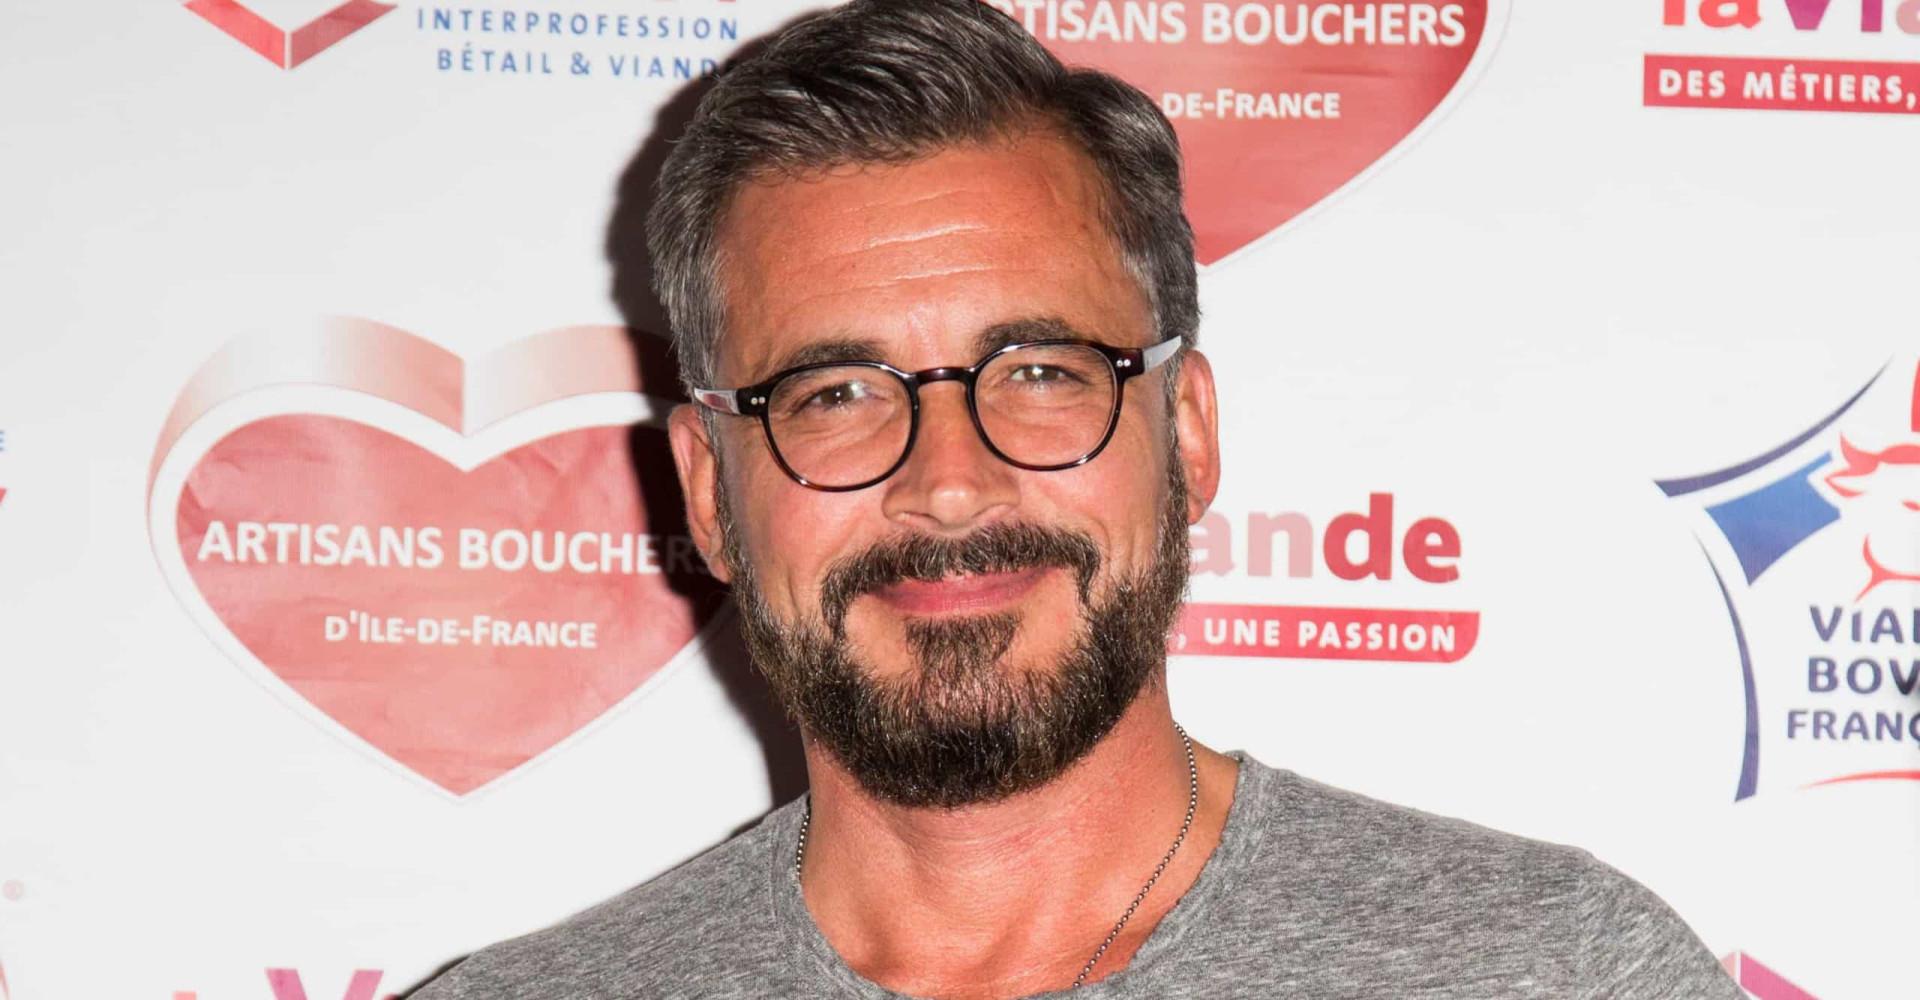 Ces célébrités françaises sont... belges!